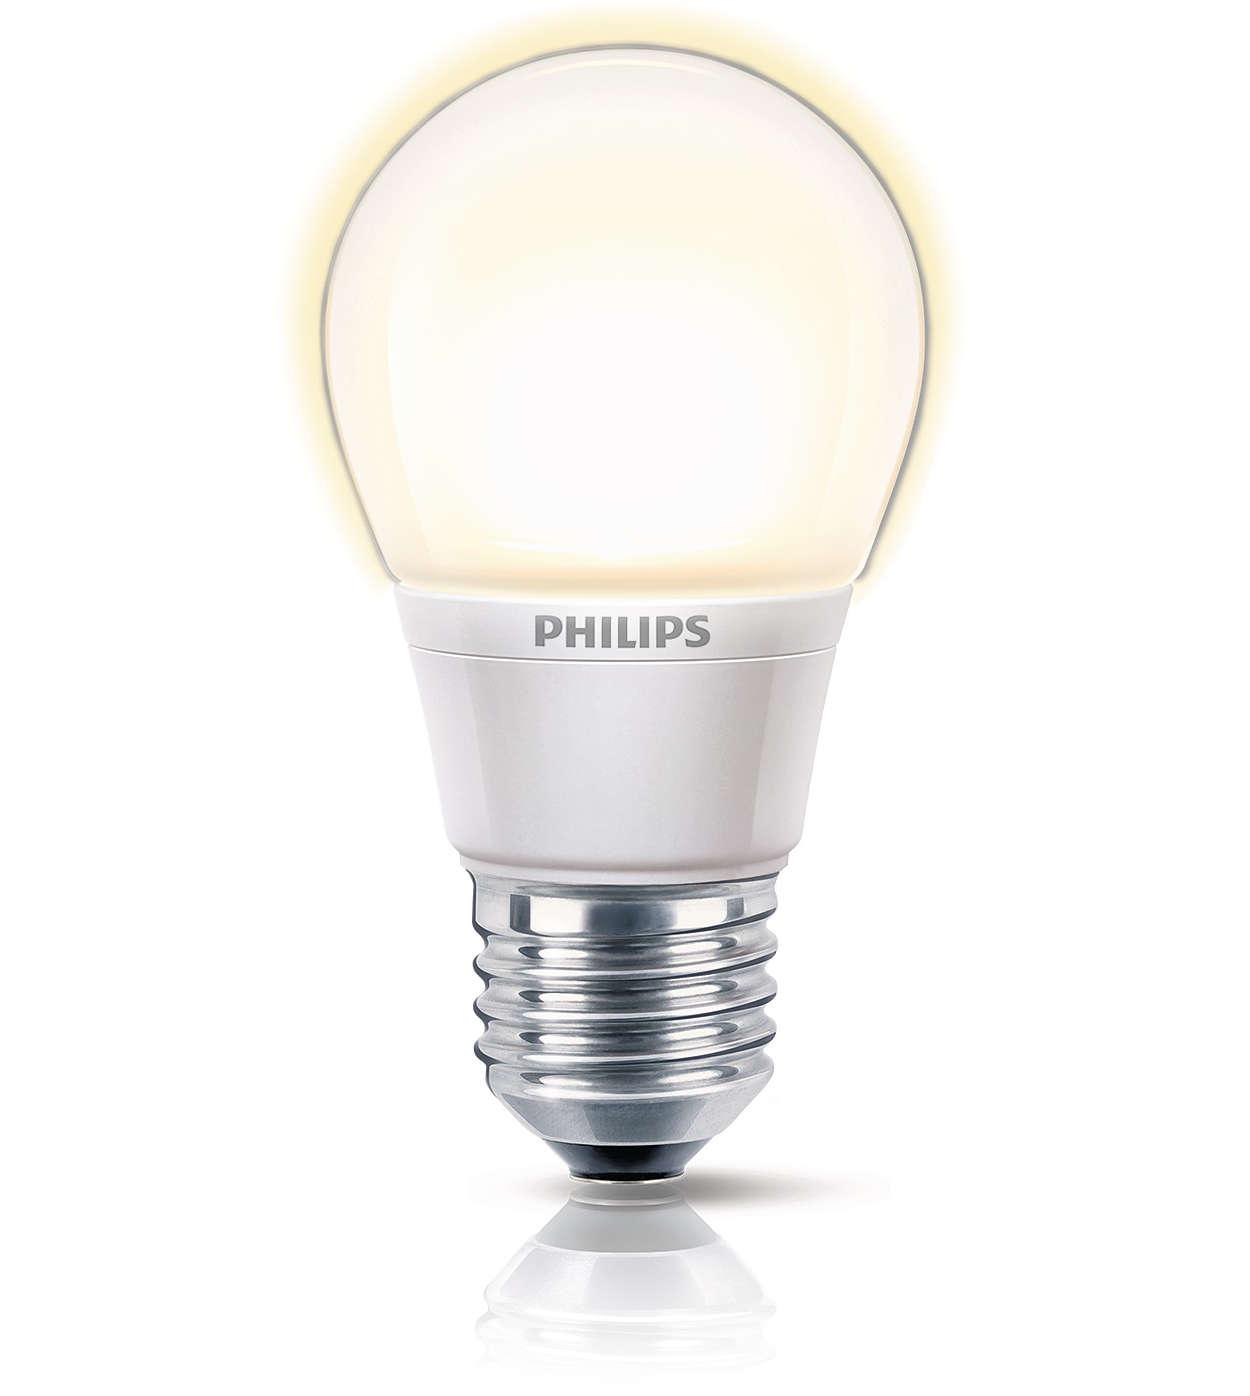 Luotettava koristeellinen valo